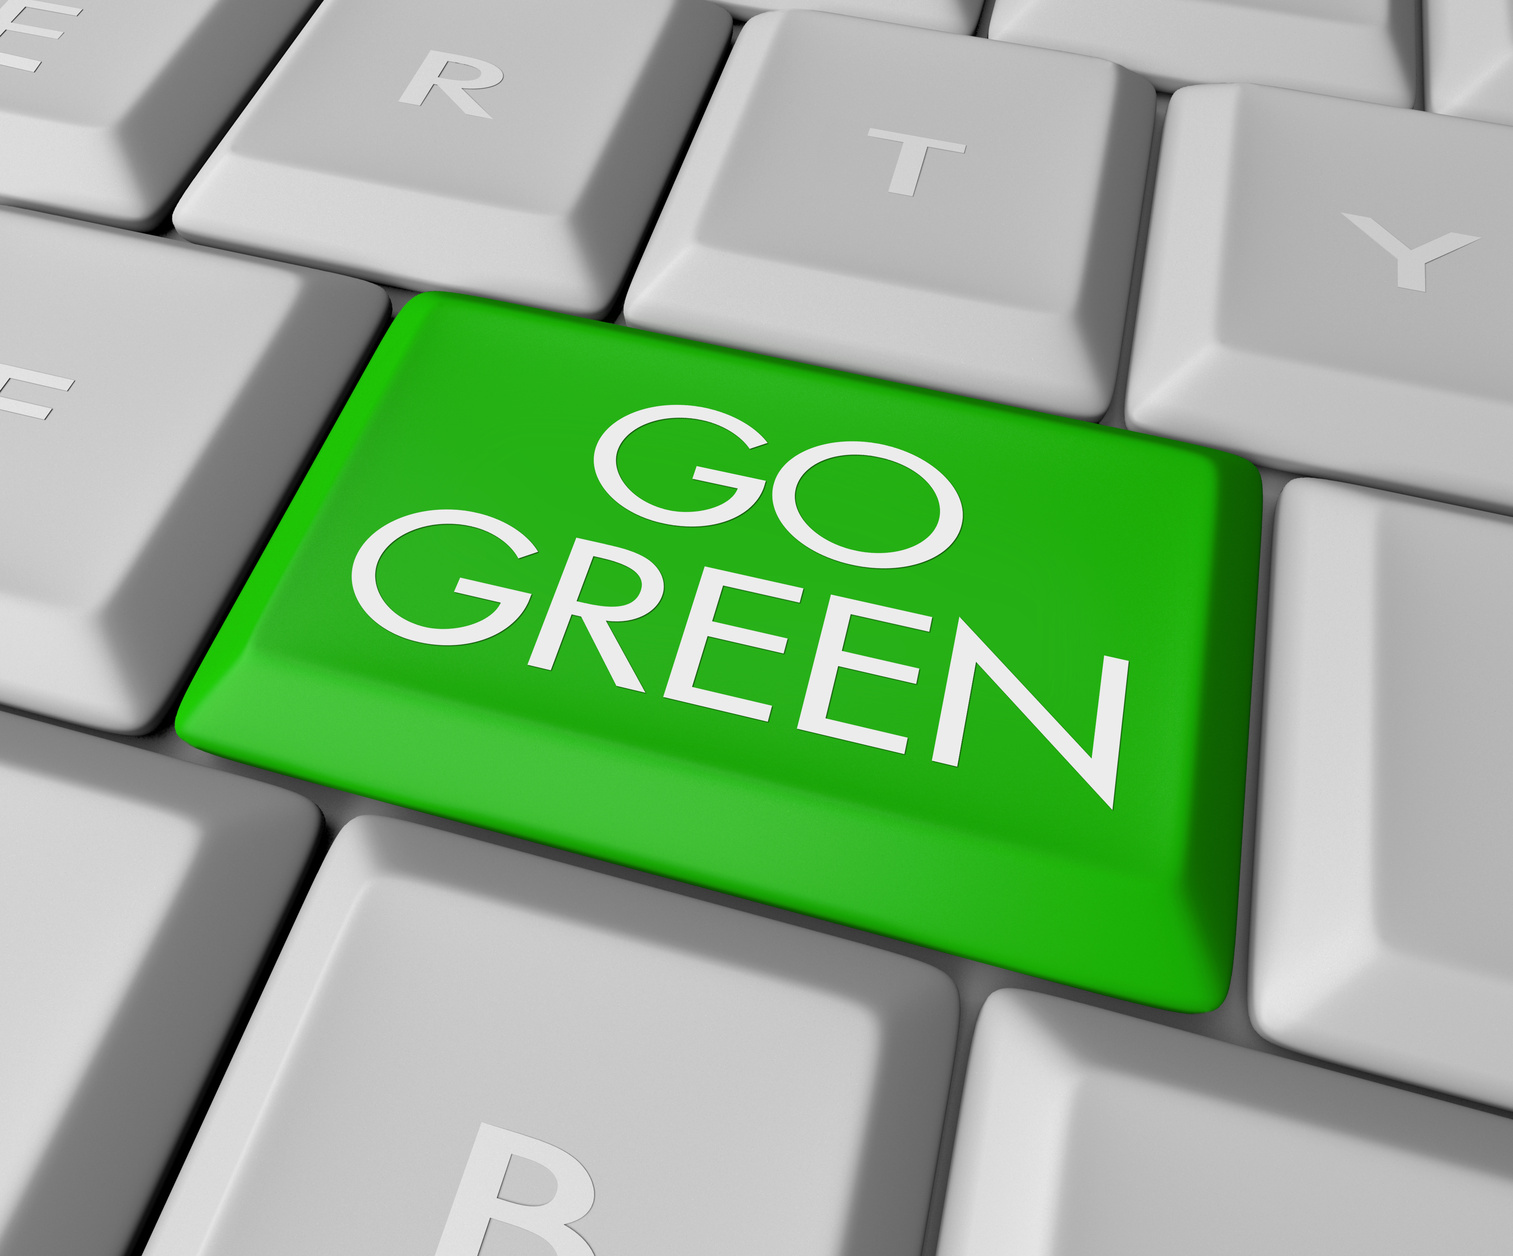 Go Green Computer Key